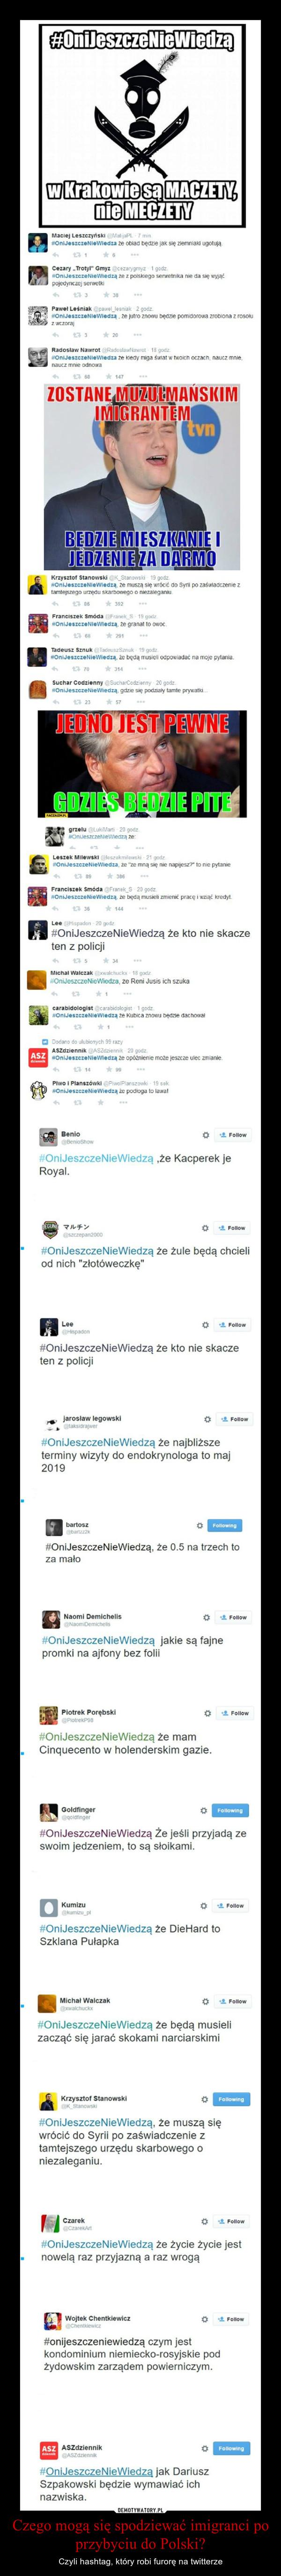 Czego mogą się spodziewać imigranci po przybyciu do Polski? – Czyli hashtag, który robi furorę na twitterze